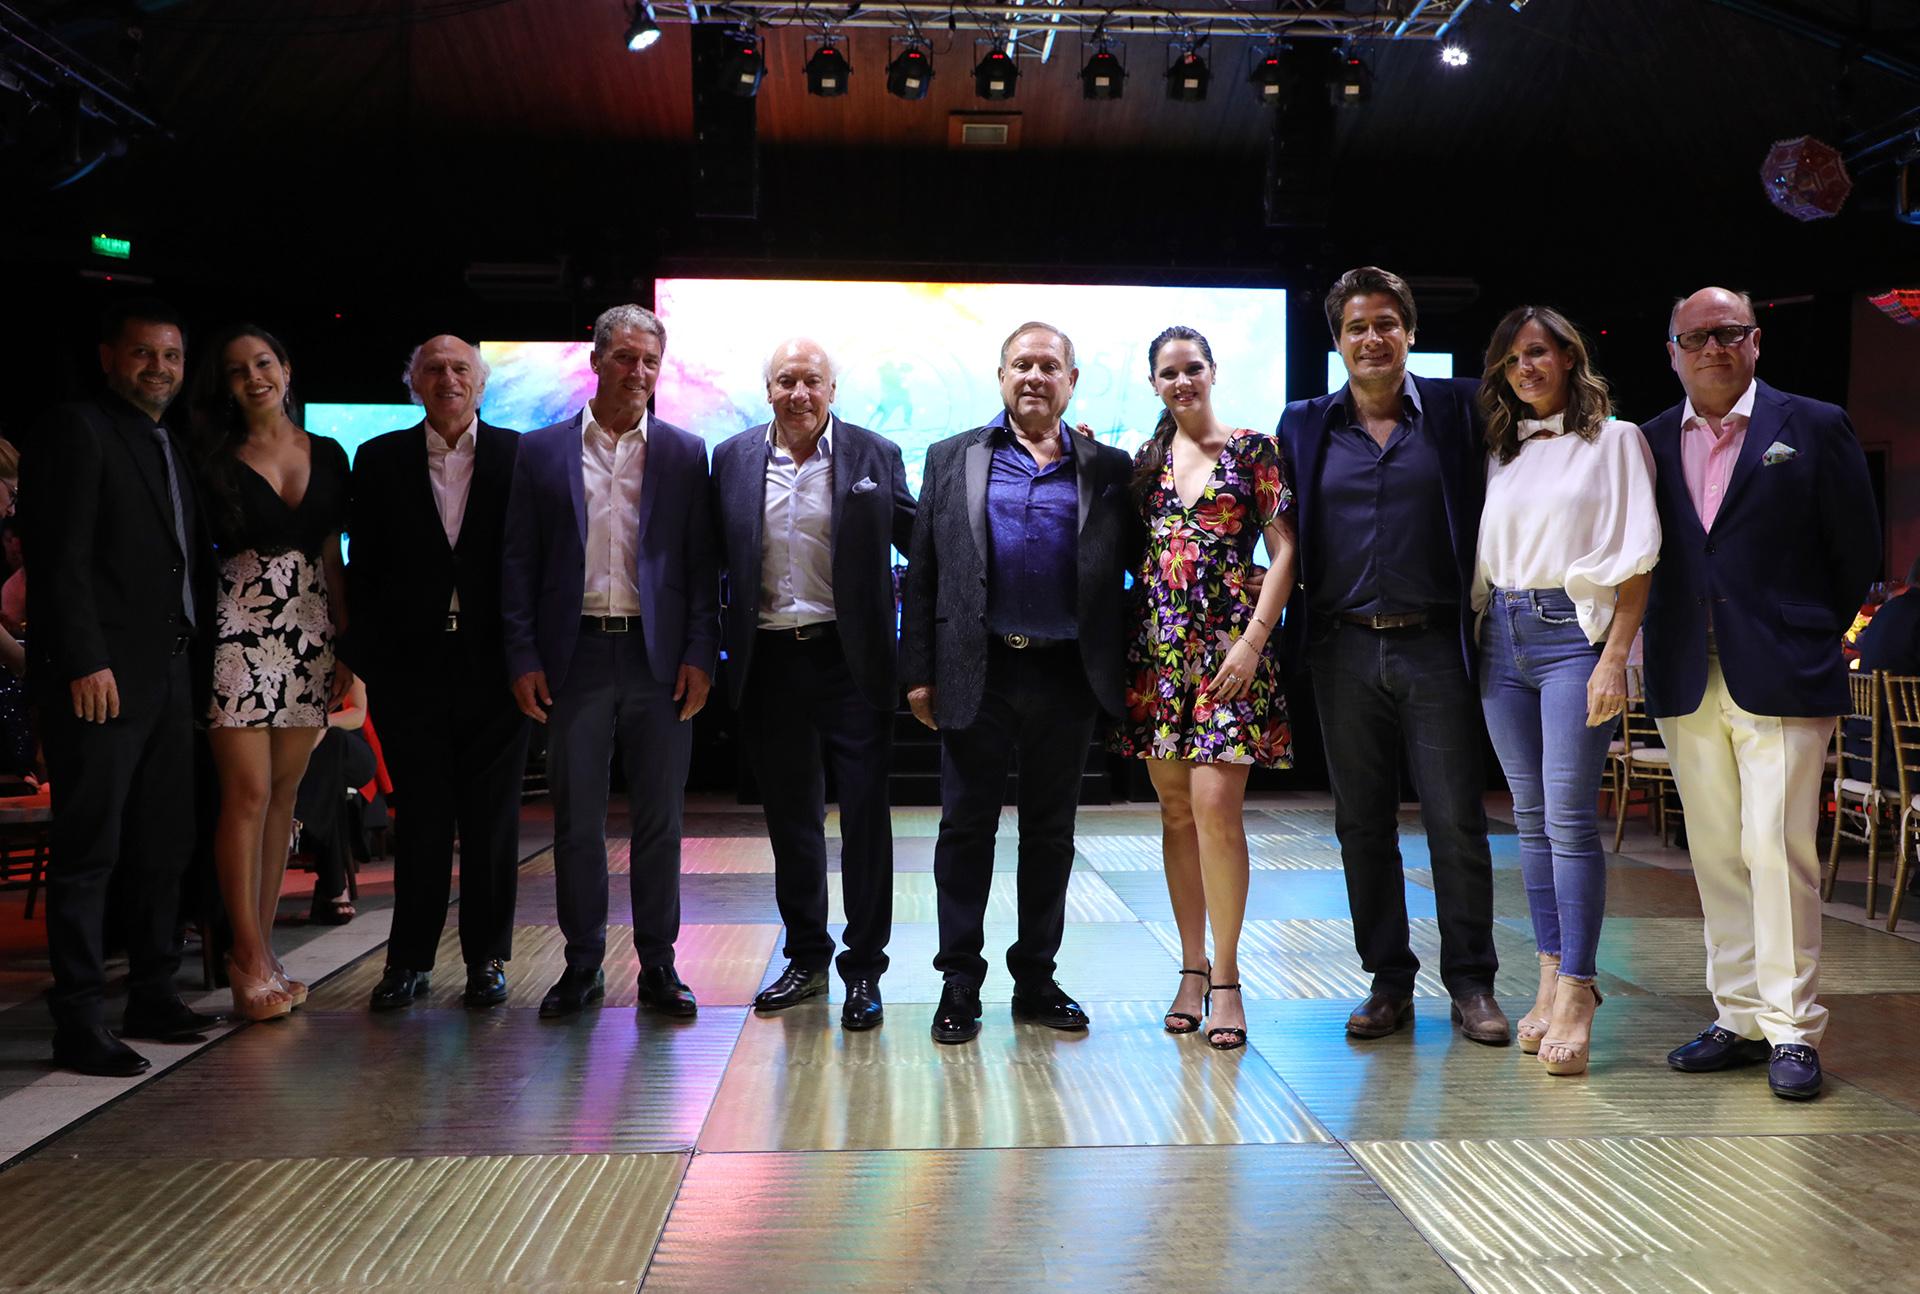 Jorge Rojas y su pareja, Carlos Bianchi, José Scioli, Guillermo Coppola, Néstor Abatidaga, Natalí Márquez, Guillermo Andino, Carolina Prat y Martín Cabrales